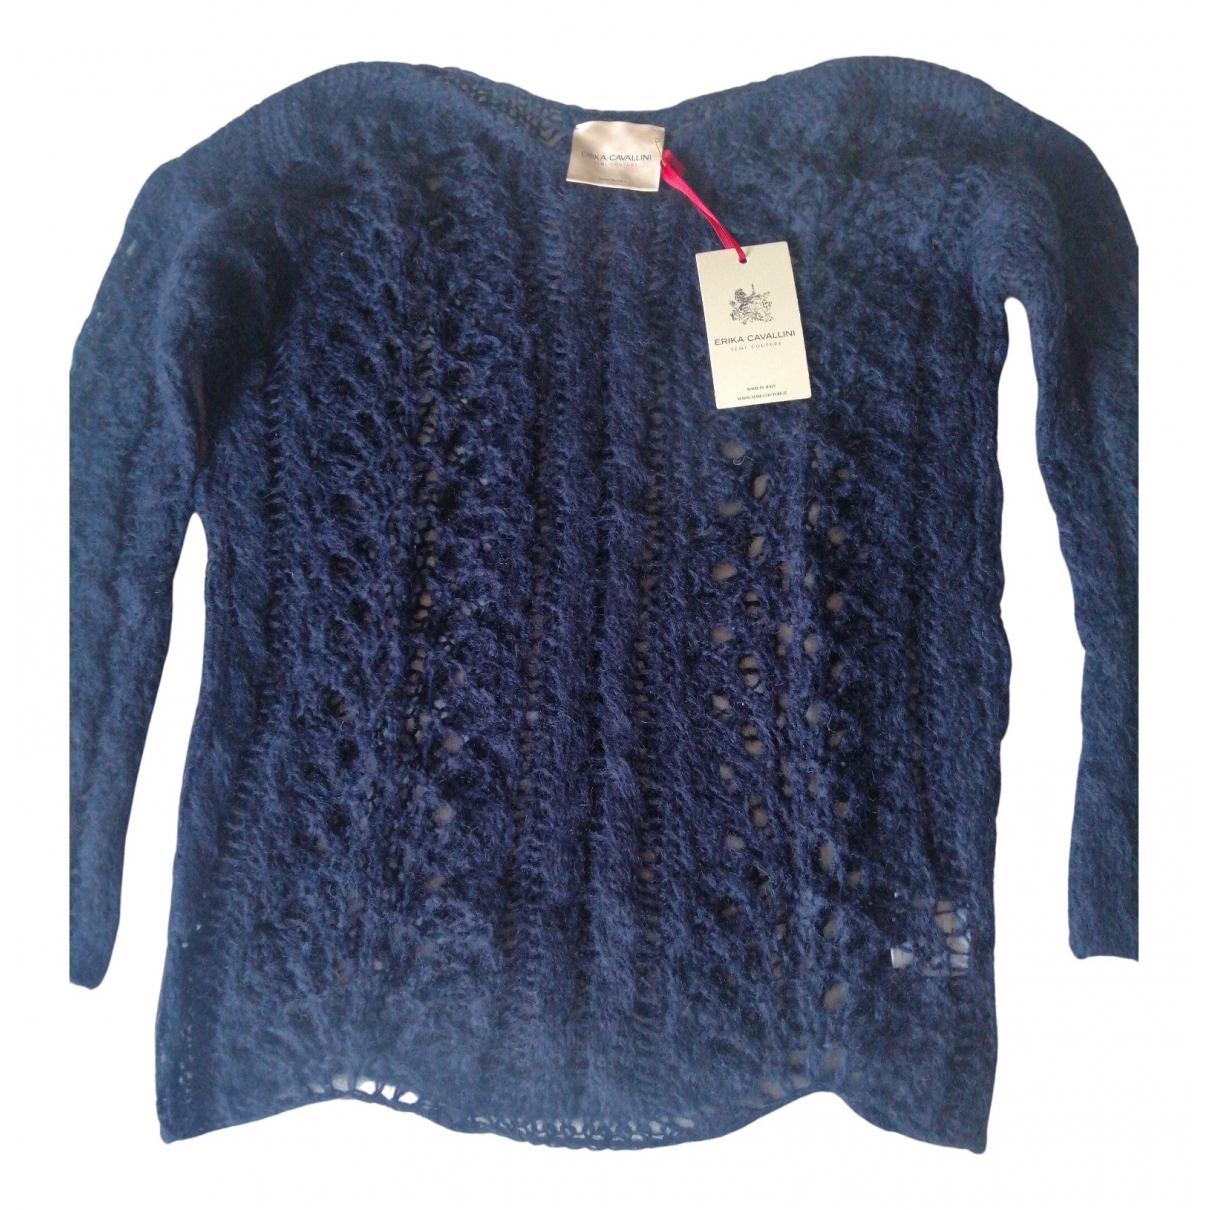 Erika Cavallini - Pull   pour femme en laine - bleu